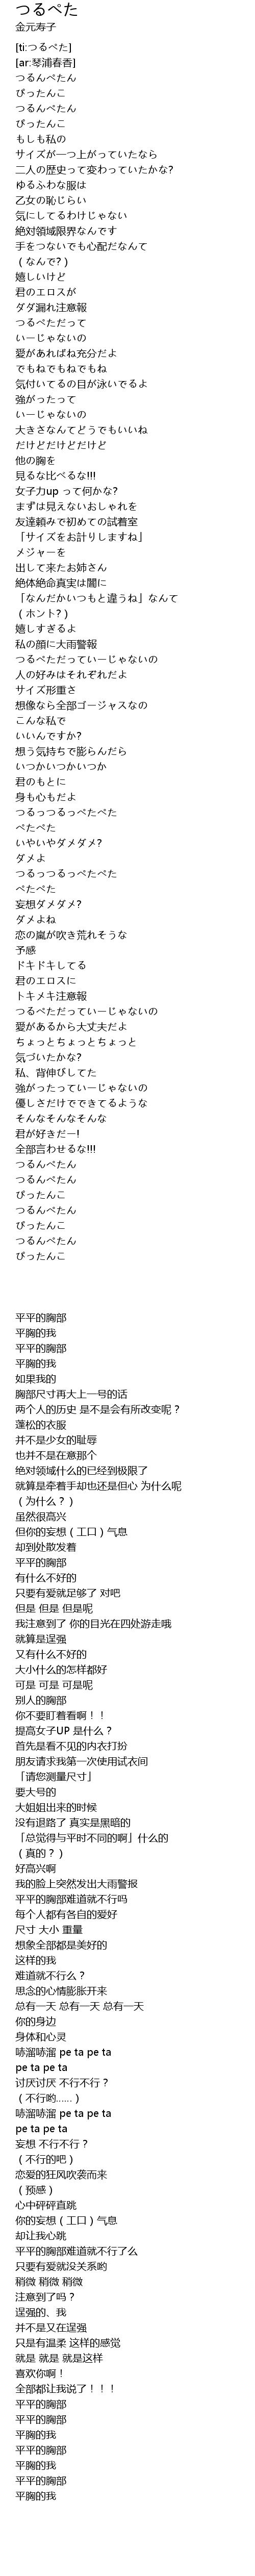 歌詞 インドア メイカー なら 系 トラック Lyrics Yunomi,